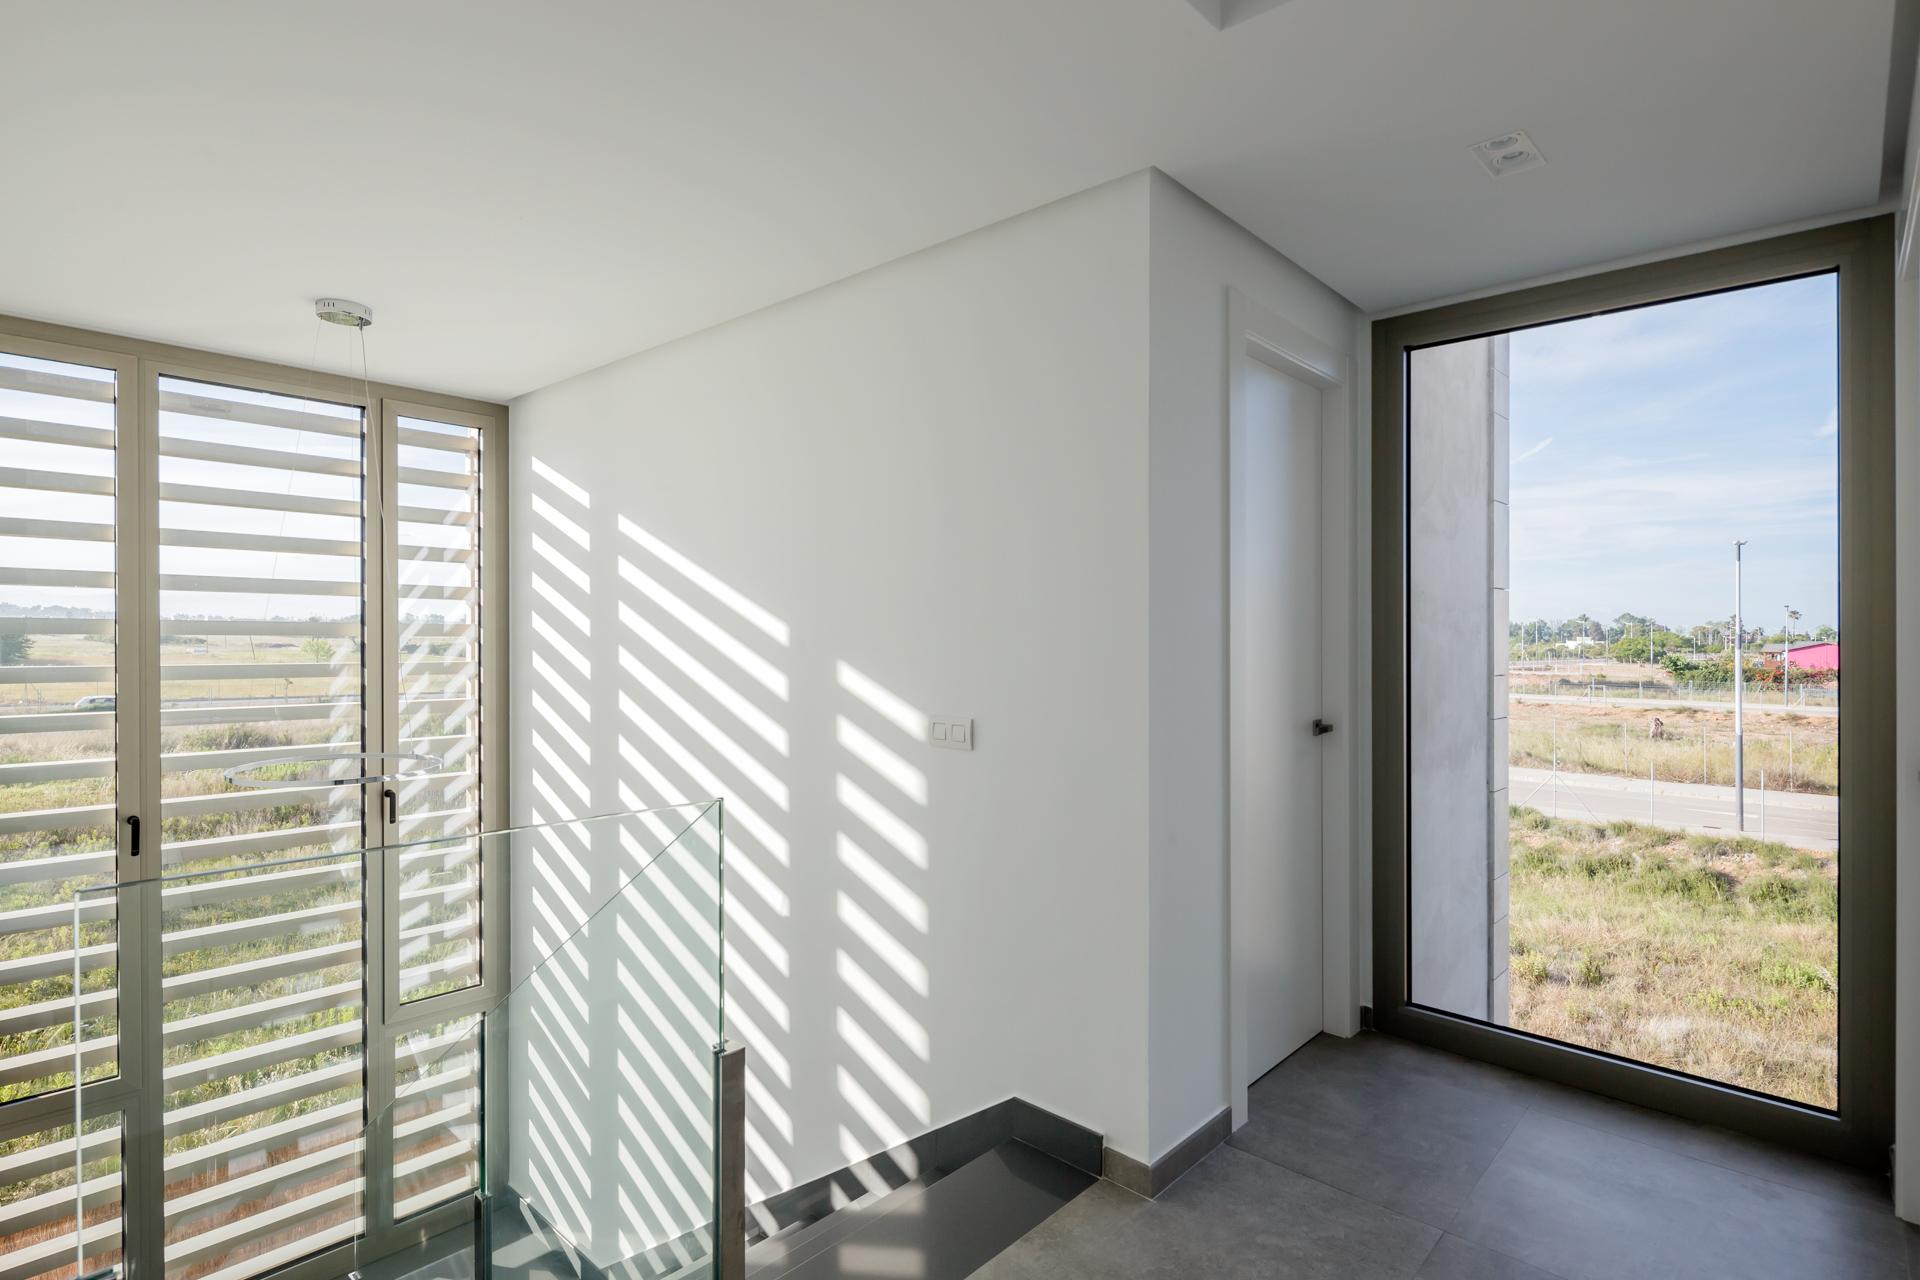 Escalera con mucha luz_Brise-soleil_arquitectos valencia_Burriana_Lamas_Proyectos